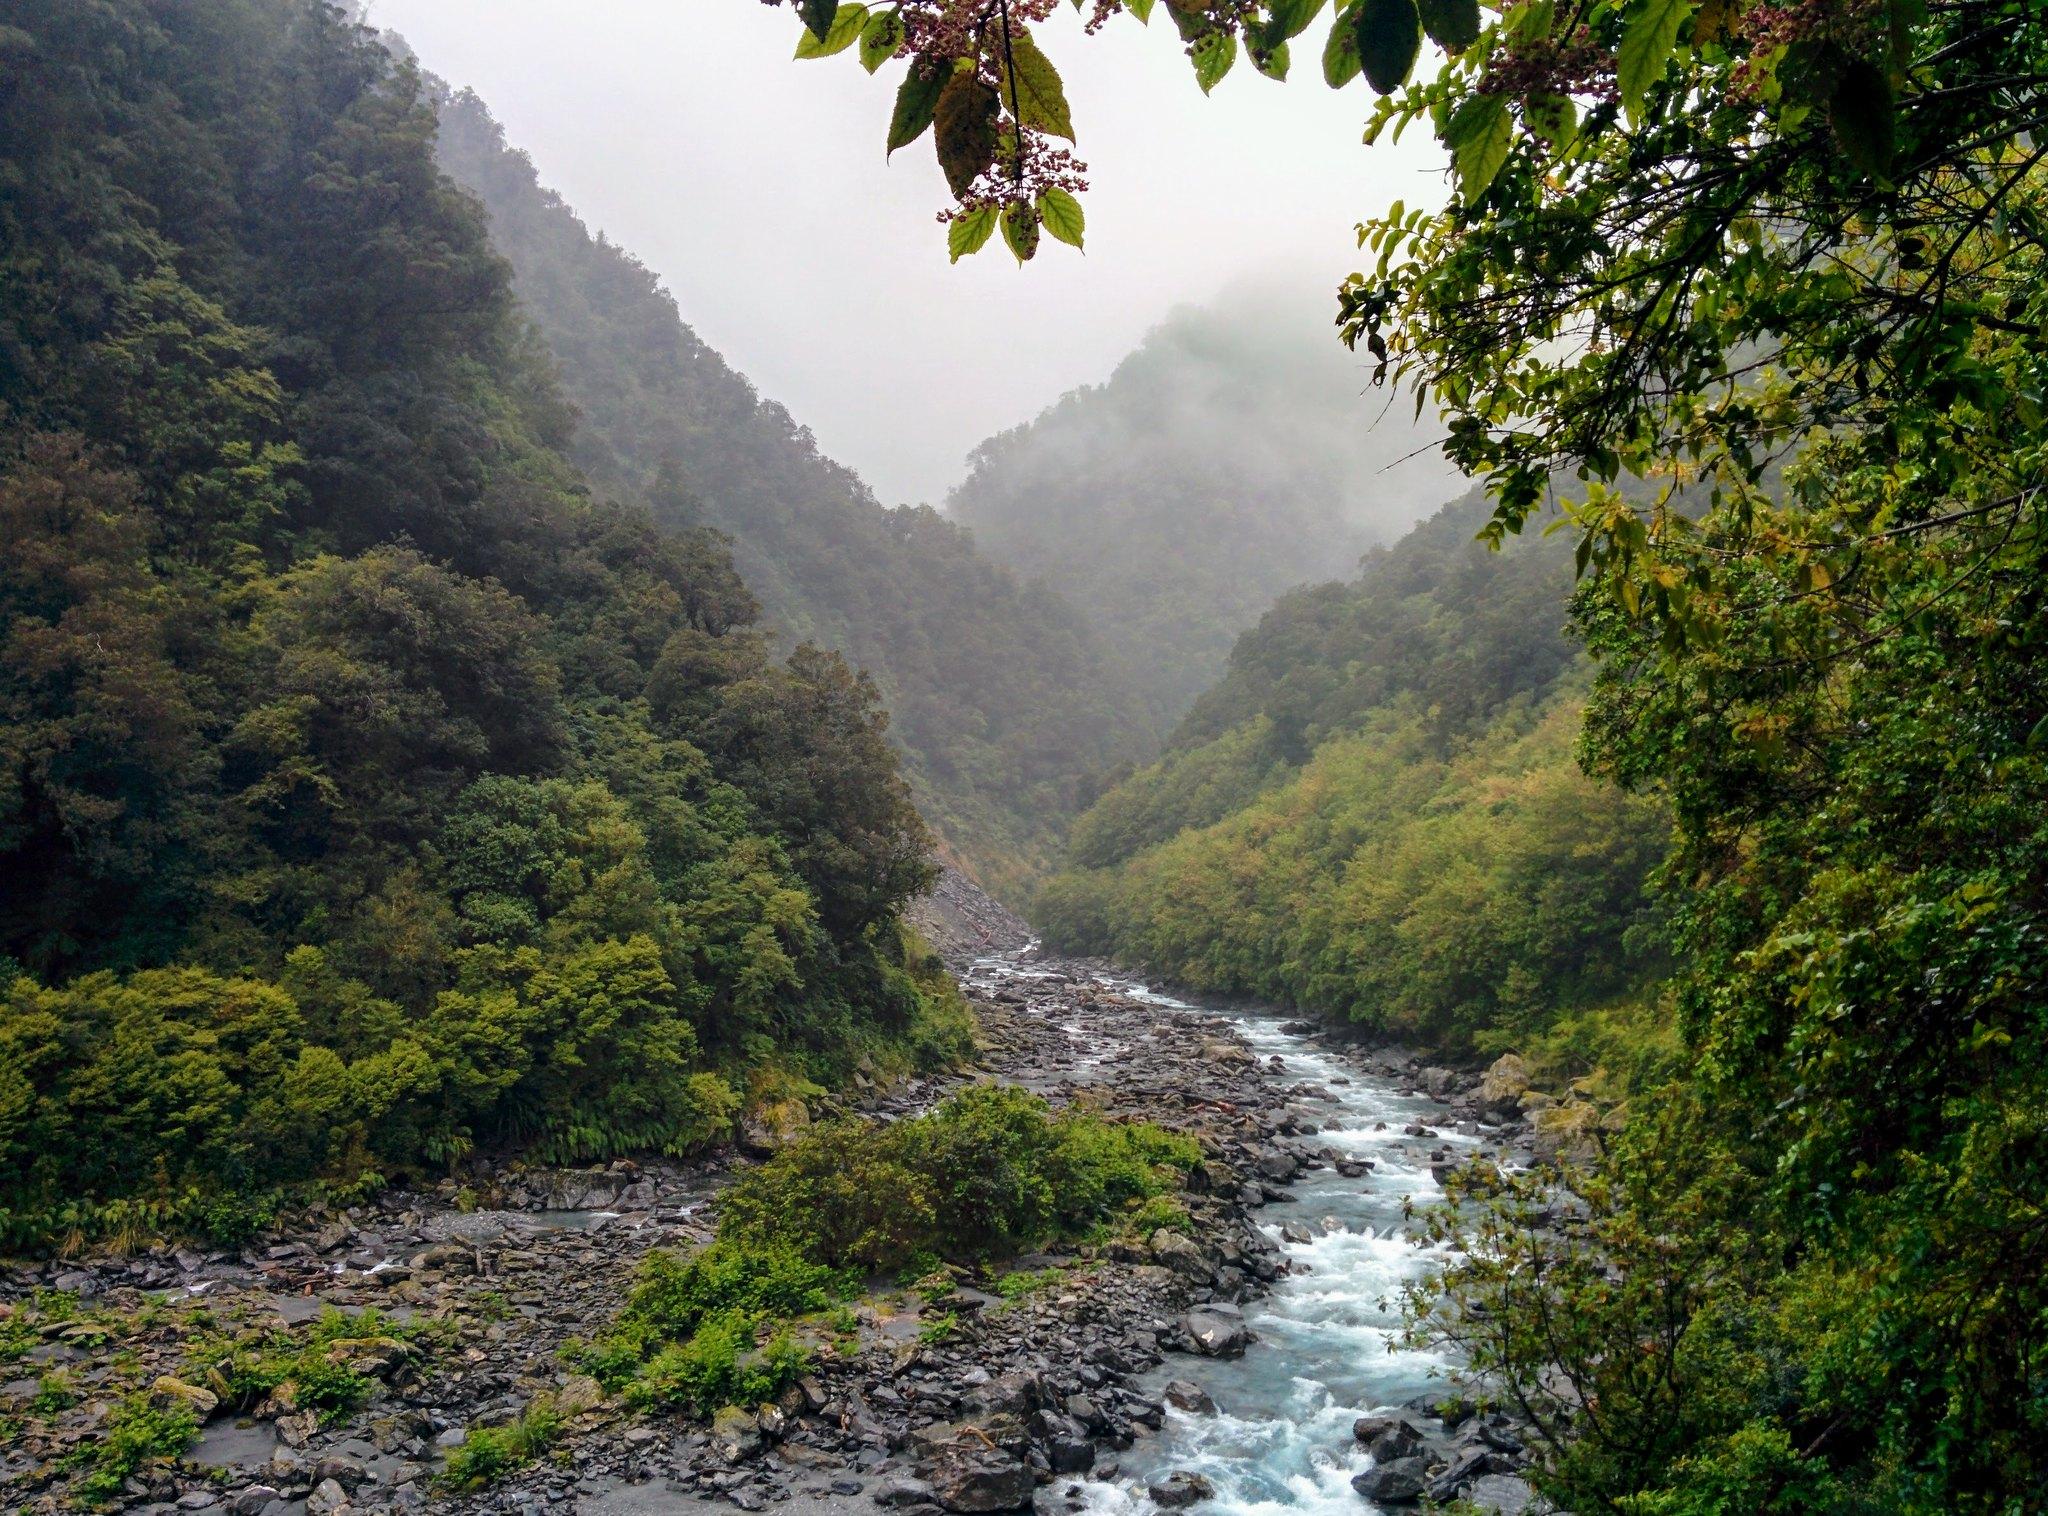 A river running through the rainforest